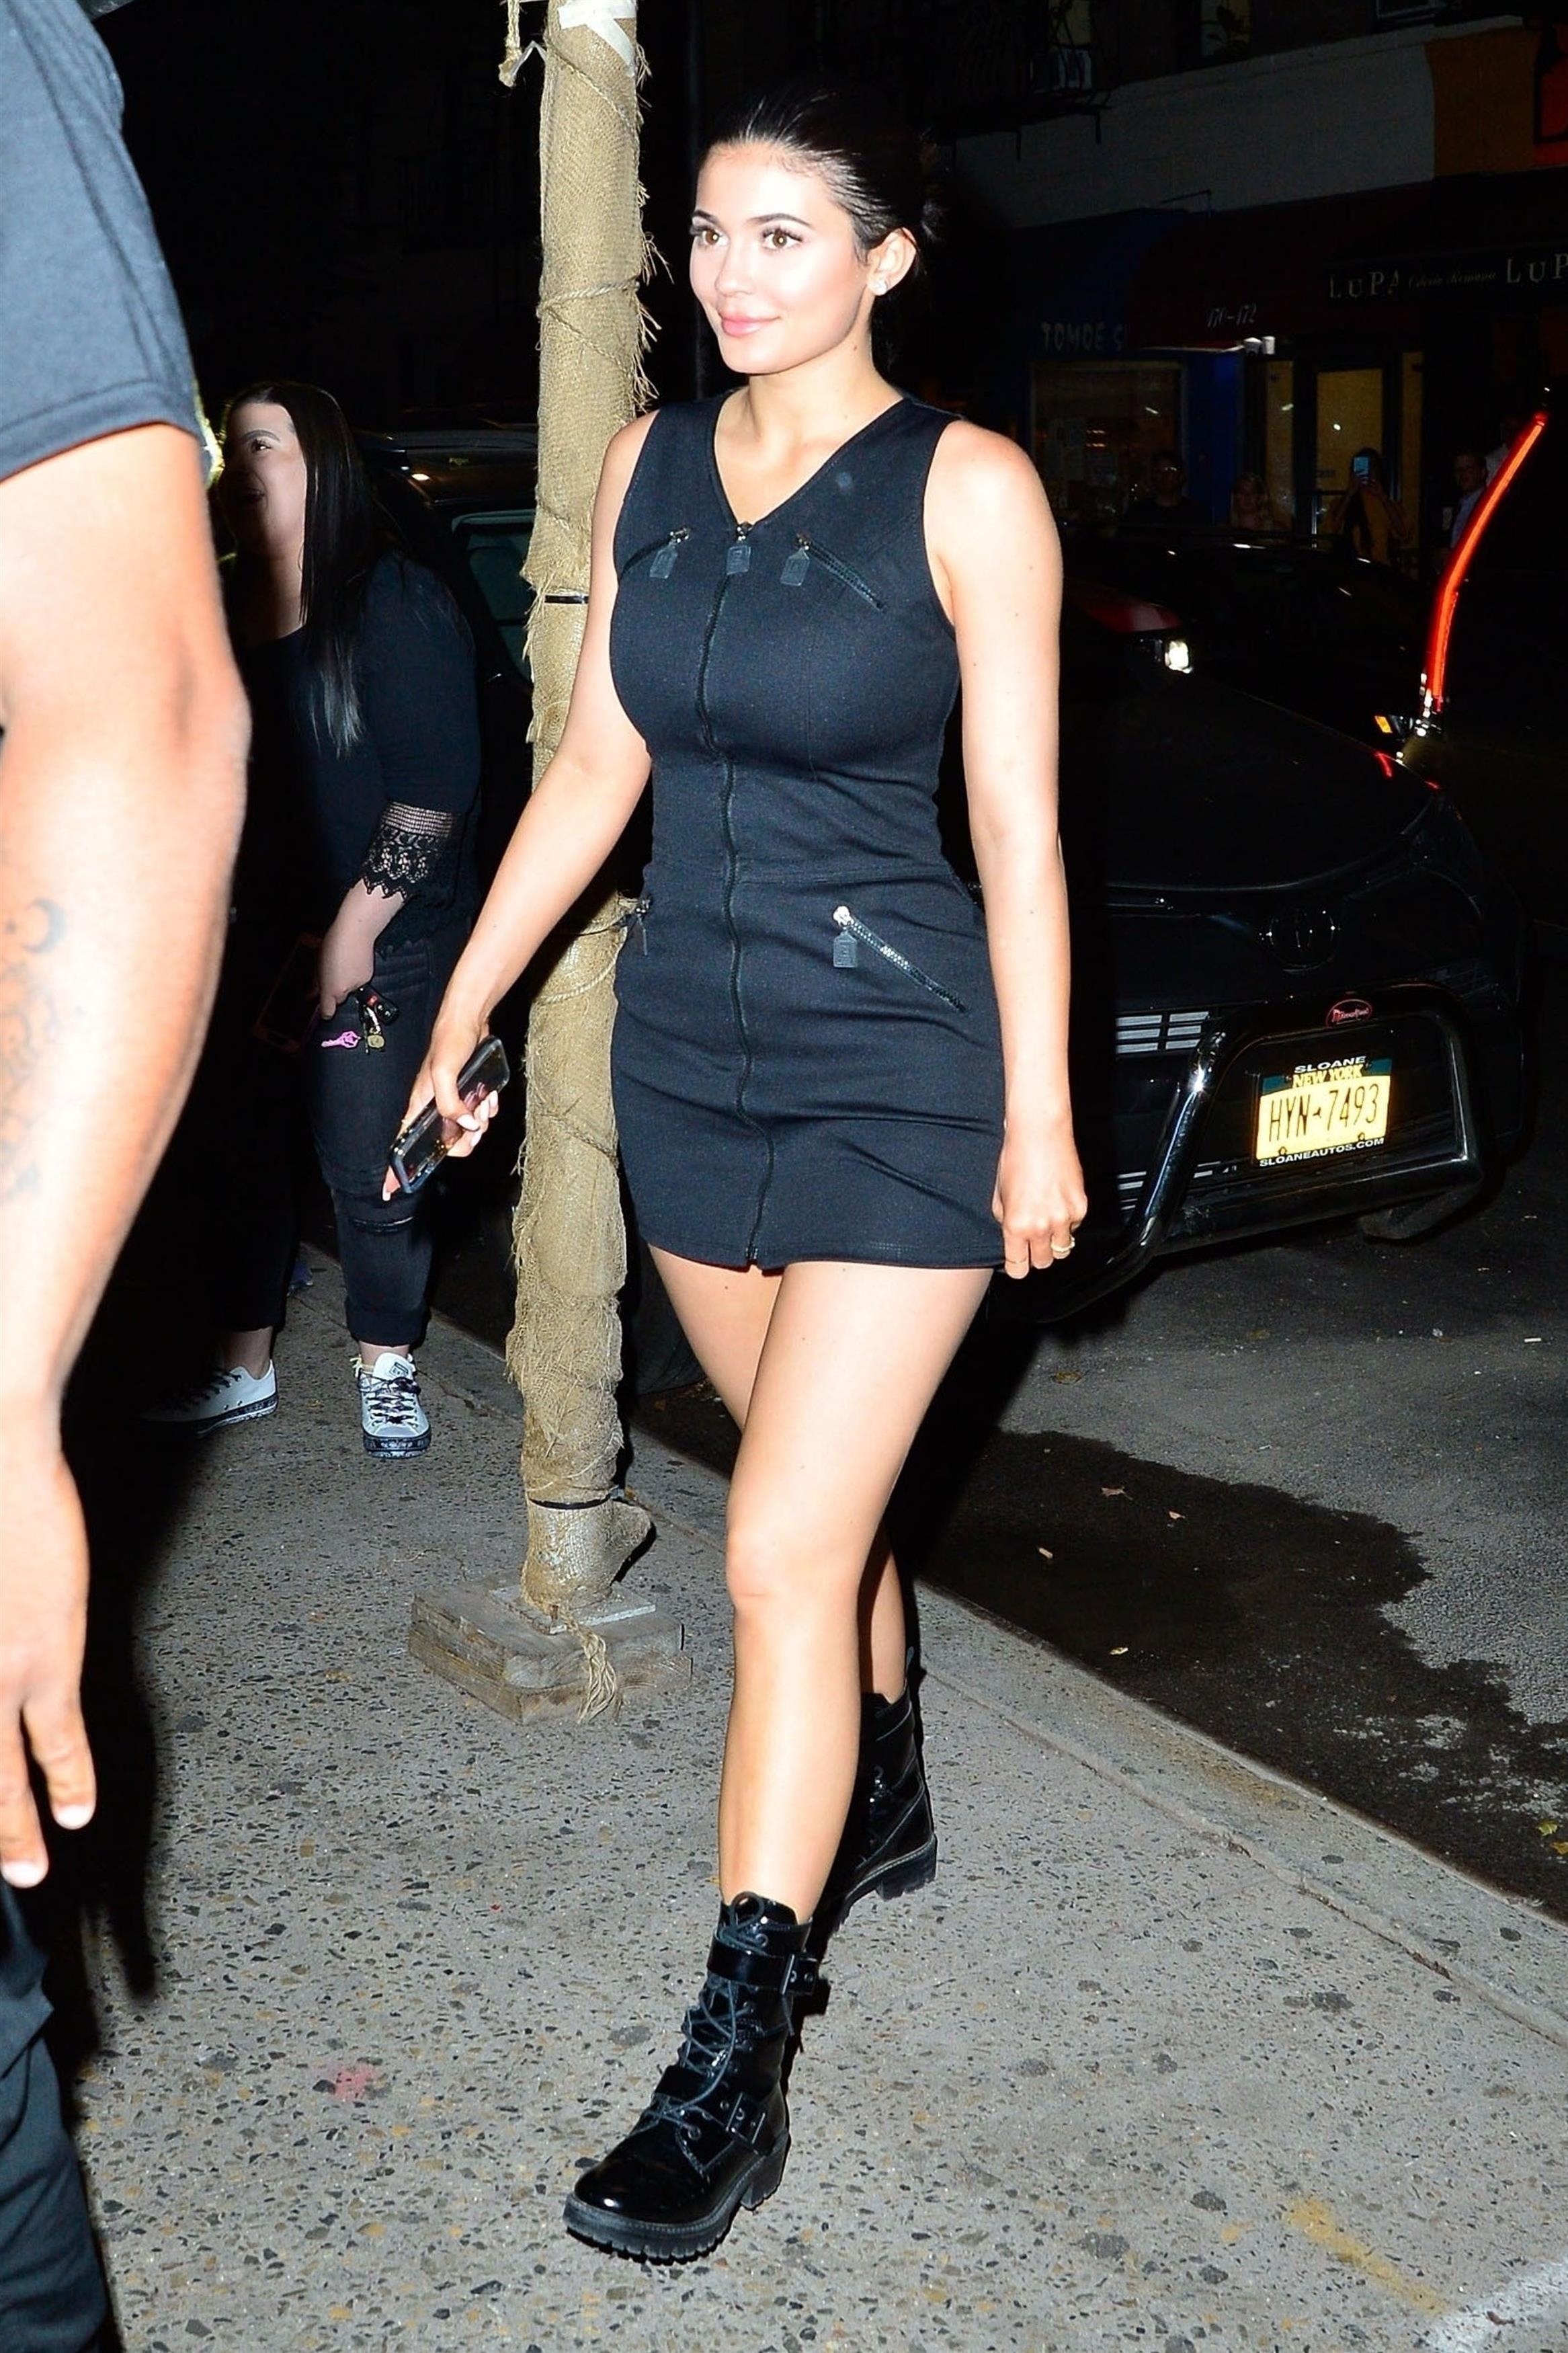 Kylie jenner usou um look com vestido e coturno no street style